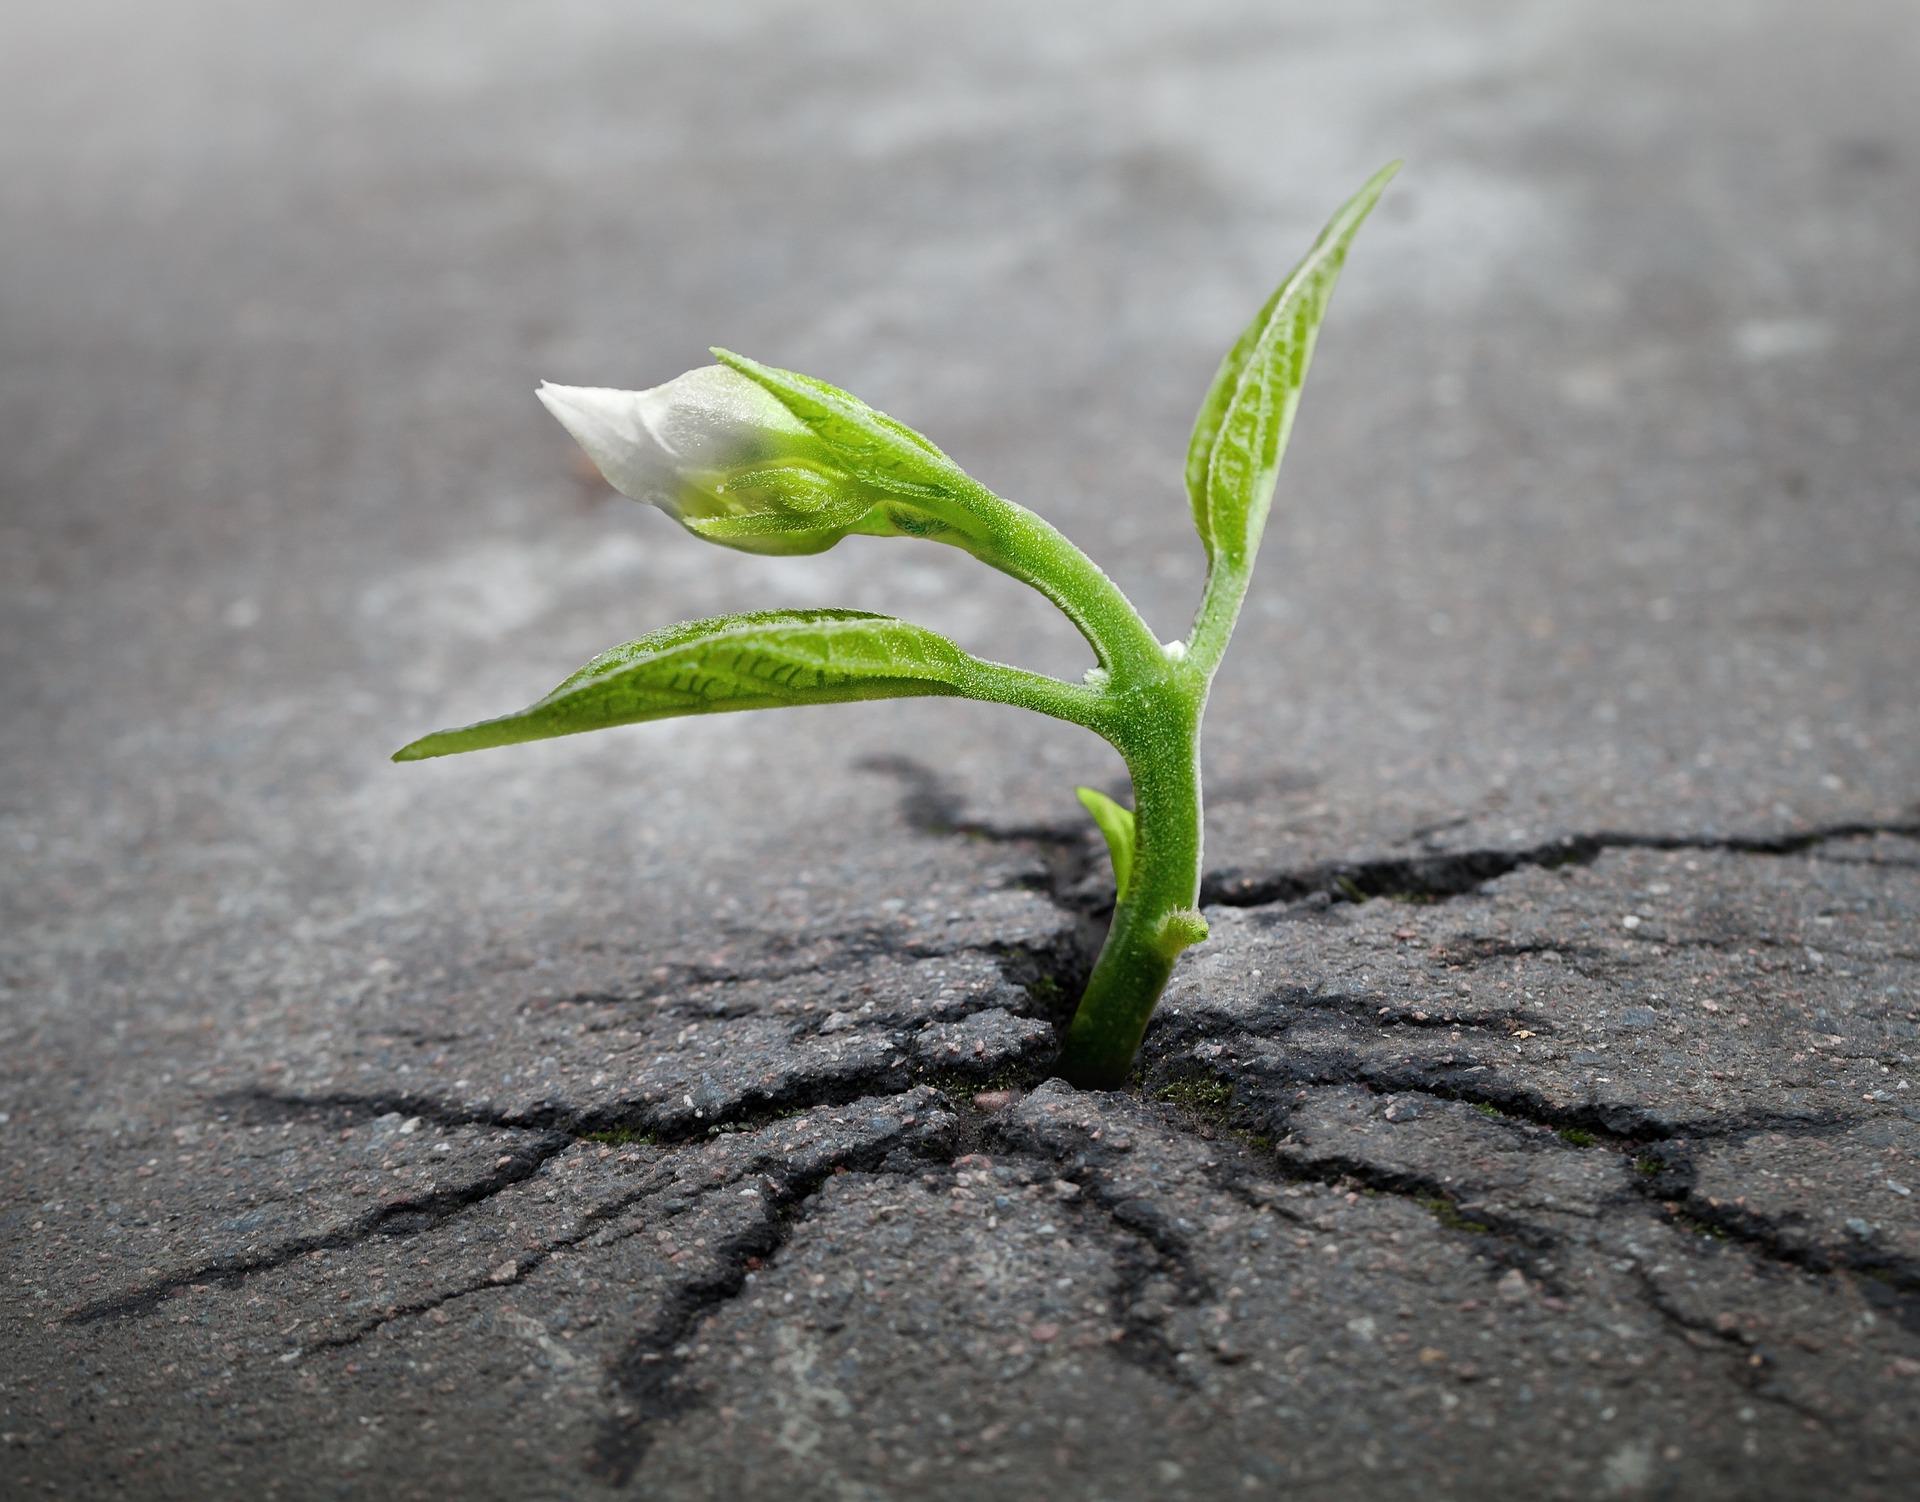 Pflanze Sprößling Asphalt Straße pixabay